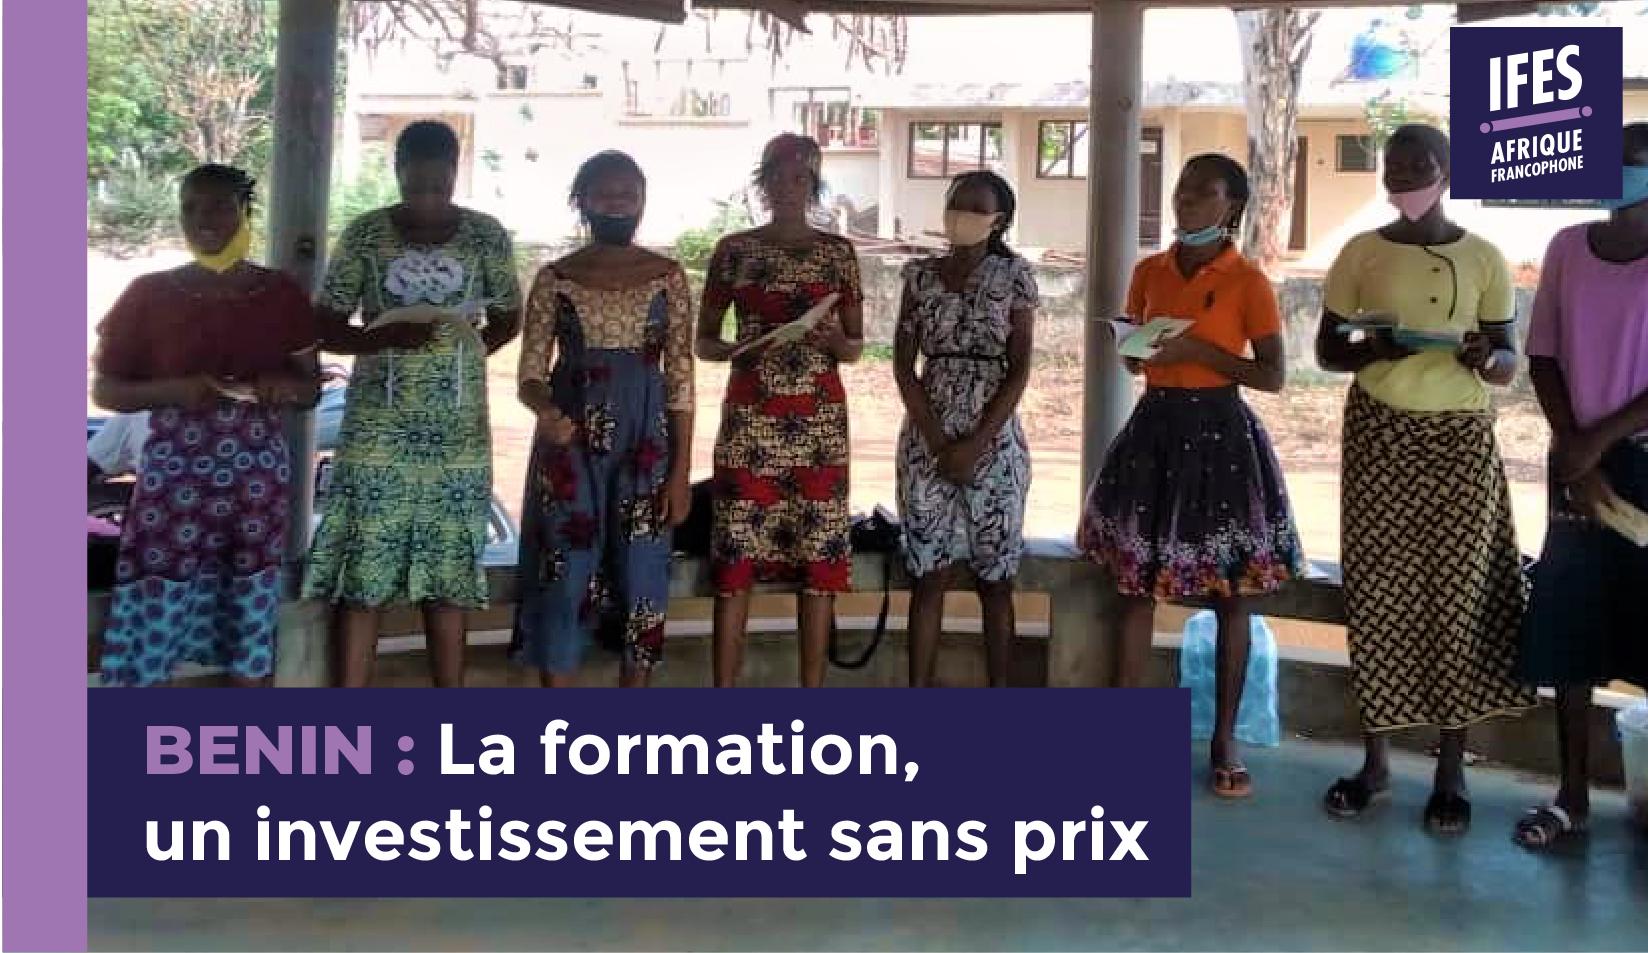 BENIN : La formation, un investissement sans prix